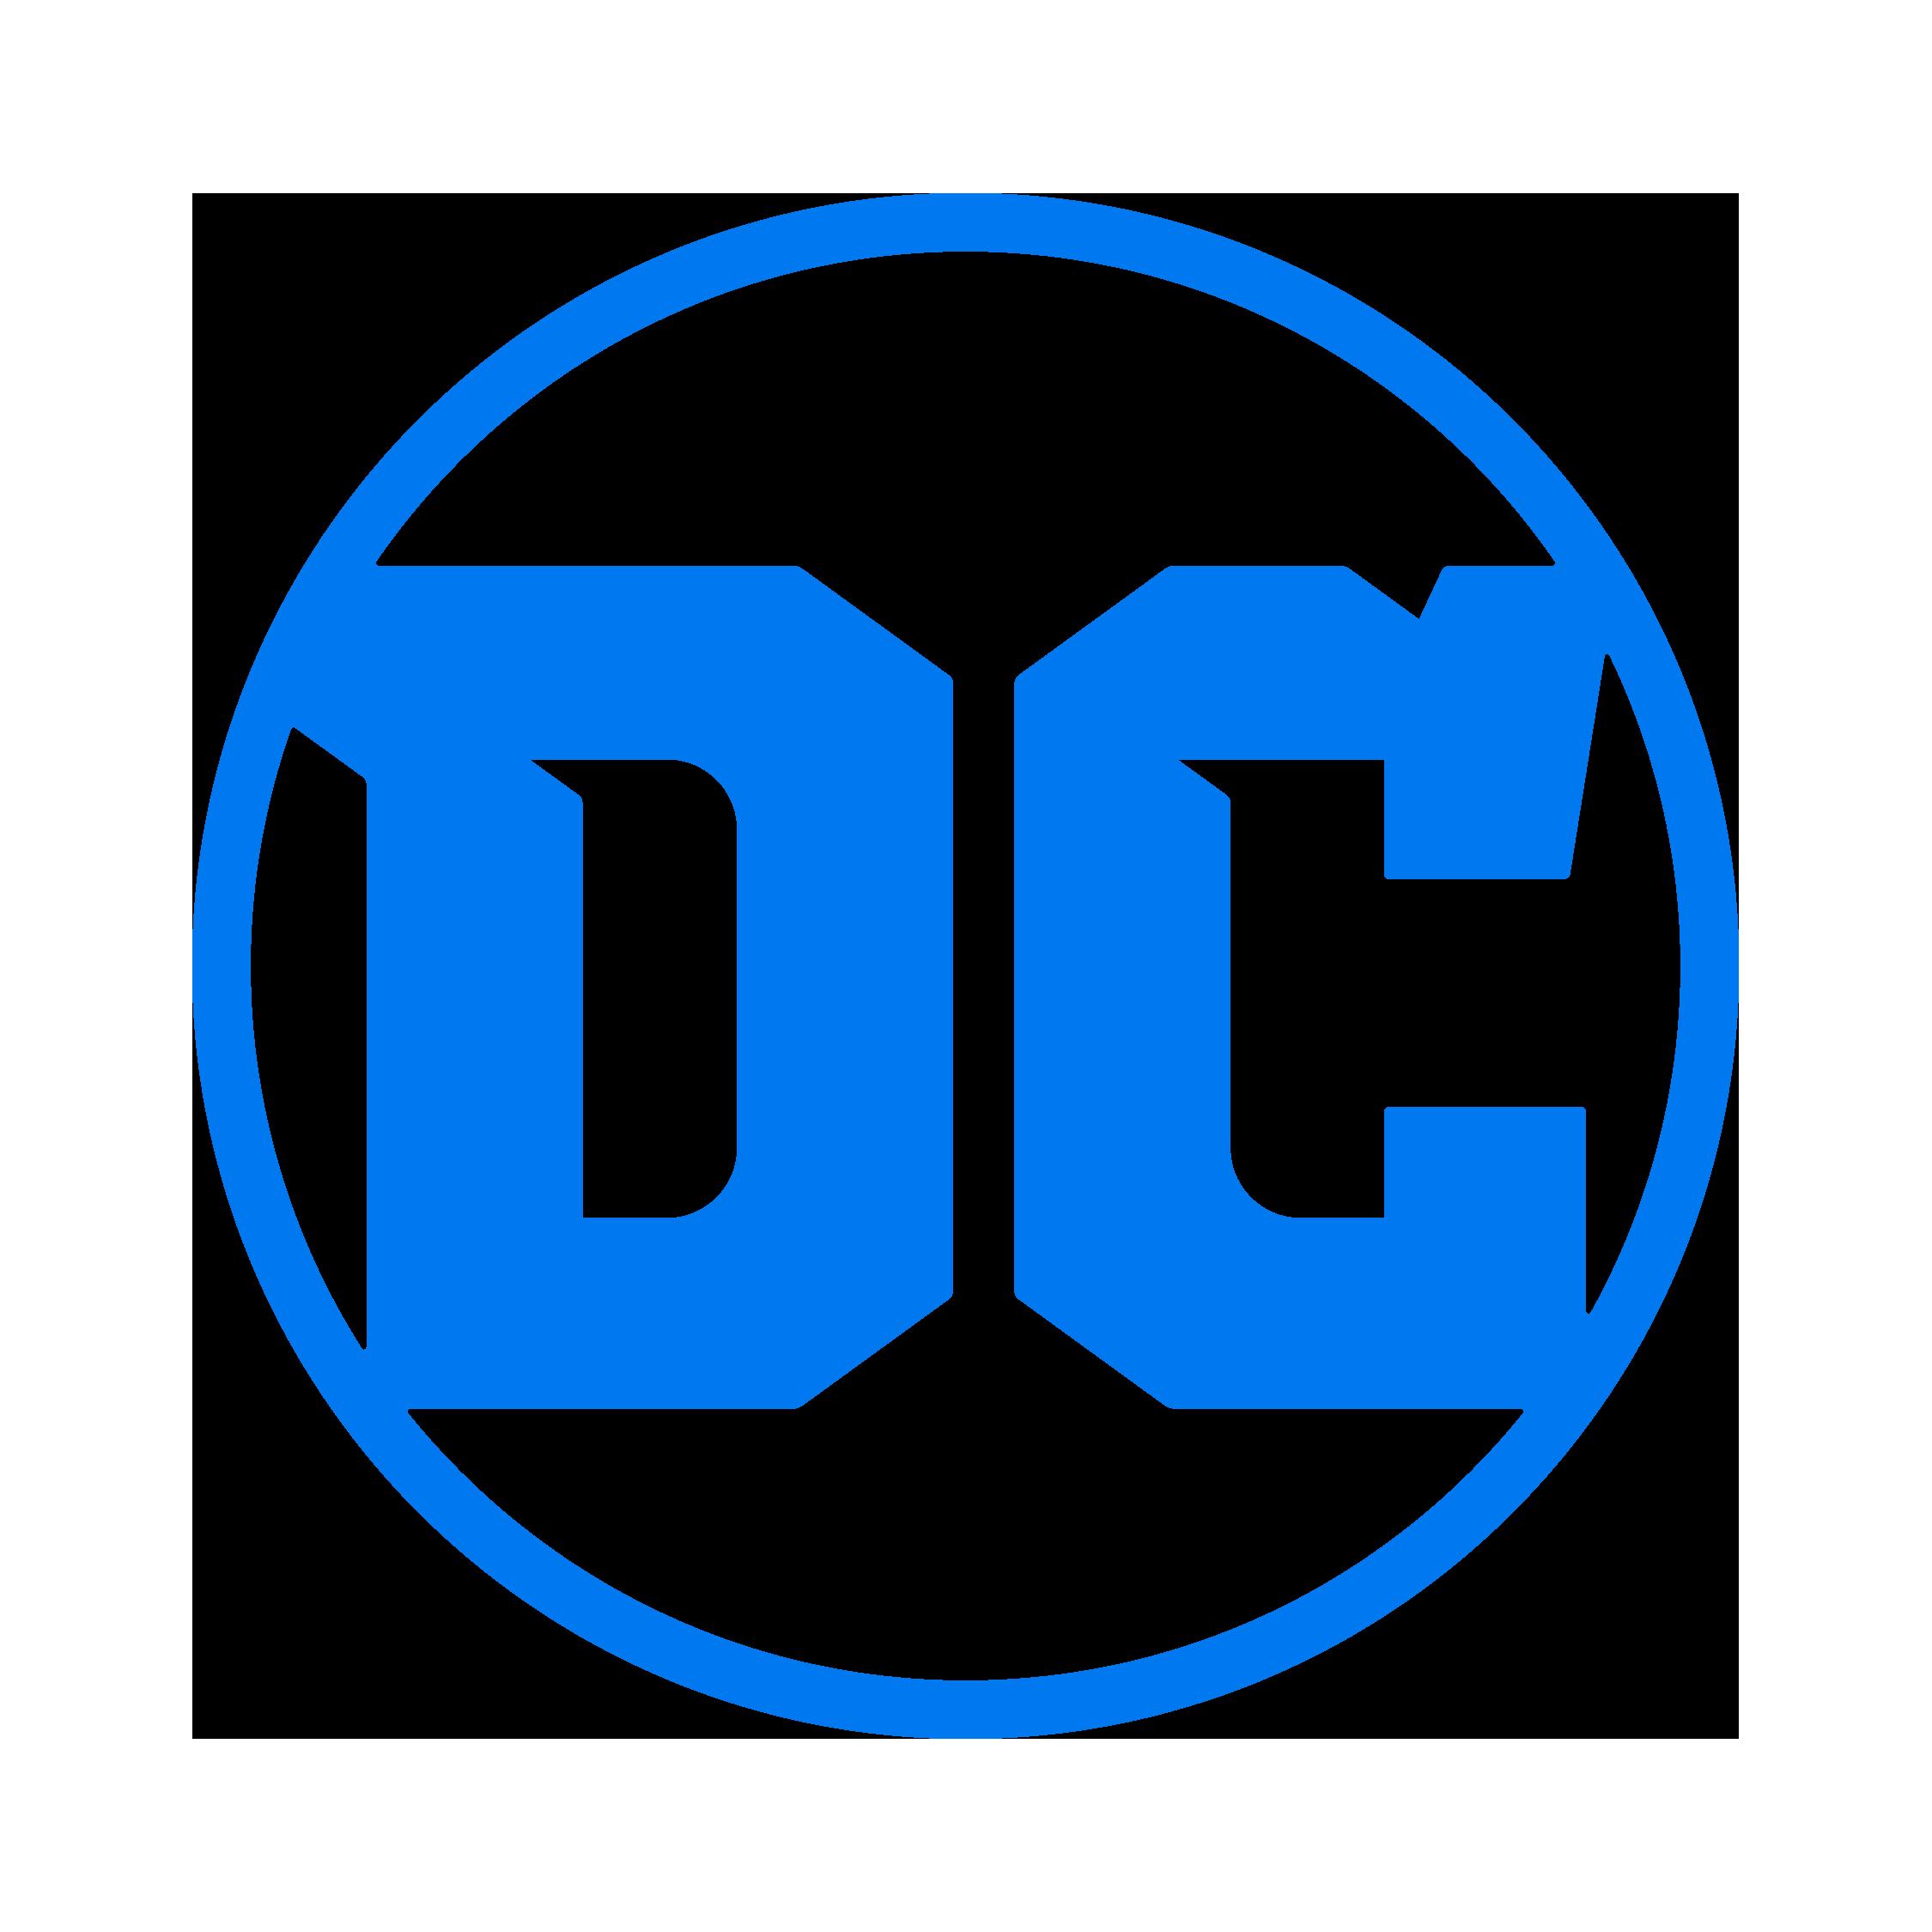 漫迷福音!电魂宣布与华纳兄弟合作 开发DC主题手游